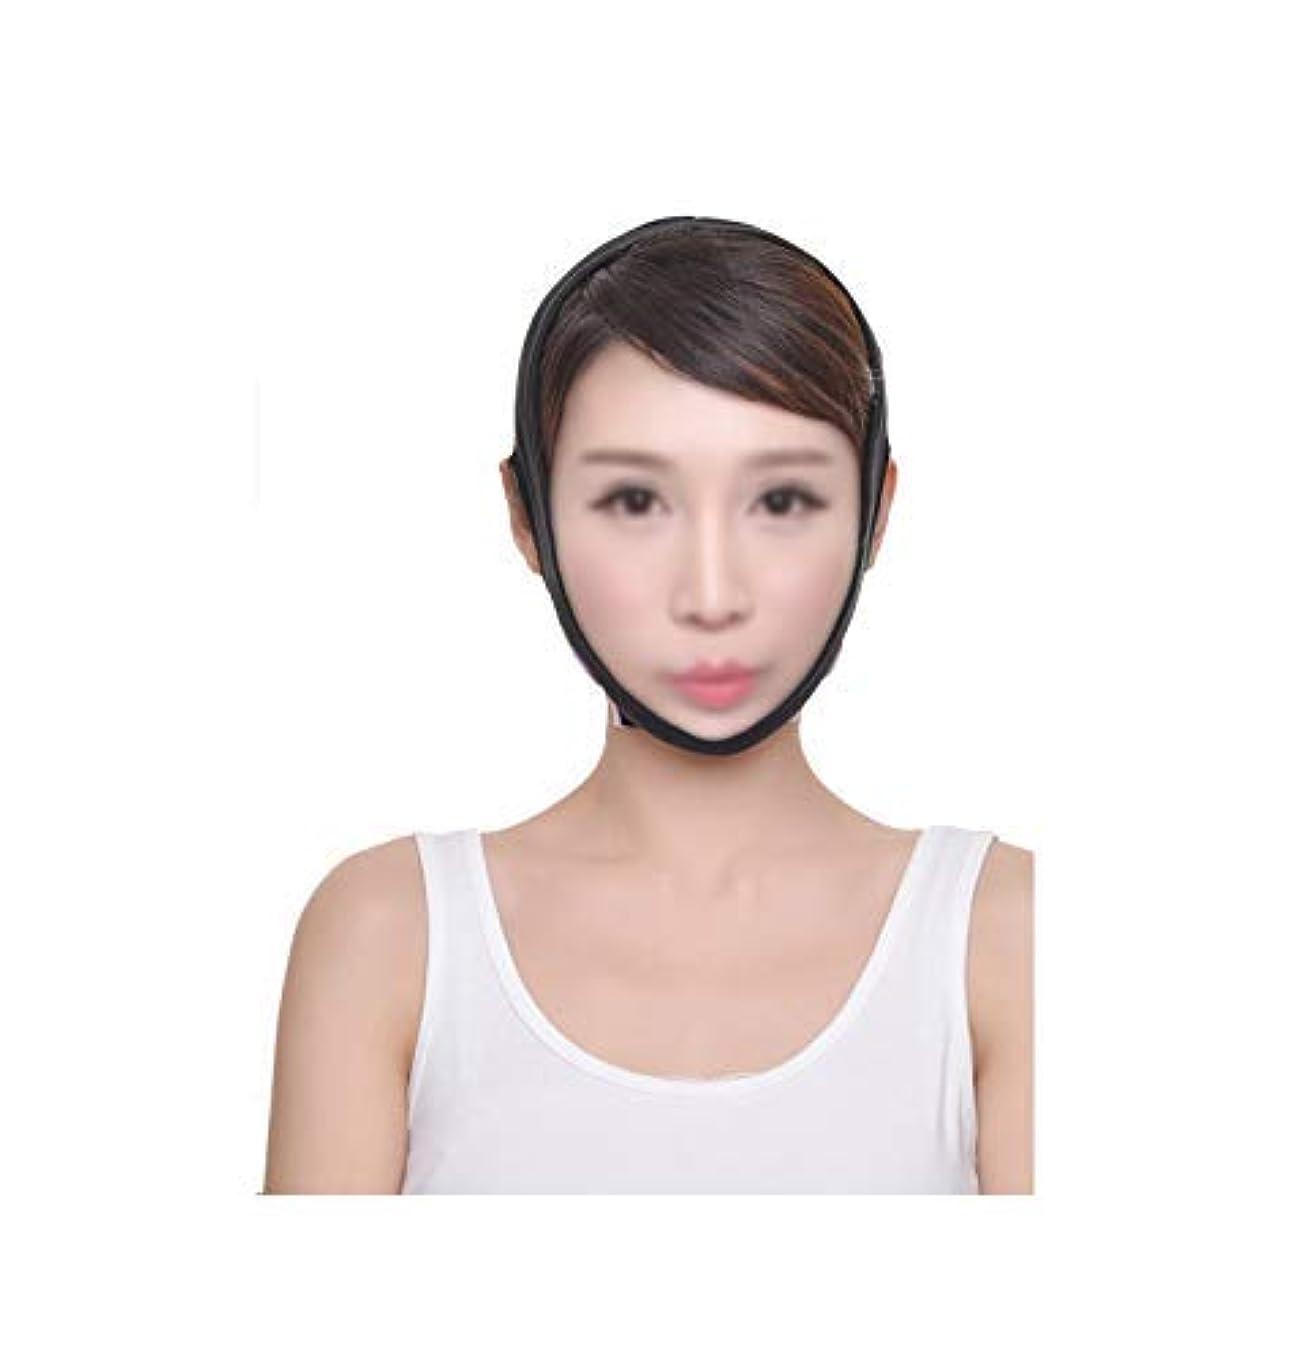 意味するガイドライン逆にファーミングフェイスマスク、フェイスリフティングアーティファクト脂肪吸引術脂肪吸引術後整形二重あご美容マスクブラックフード(サイズ:L),M